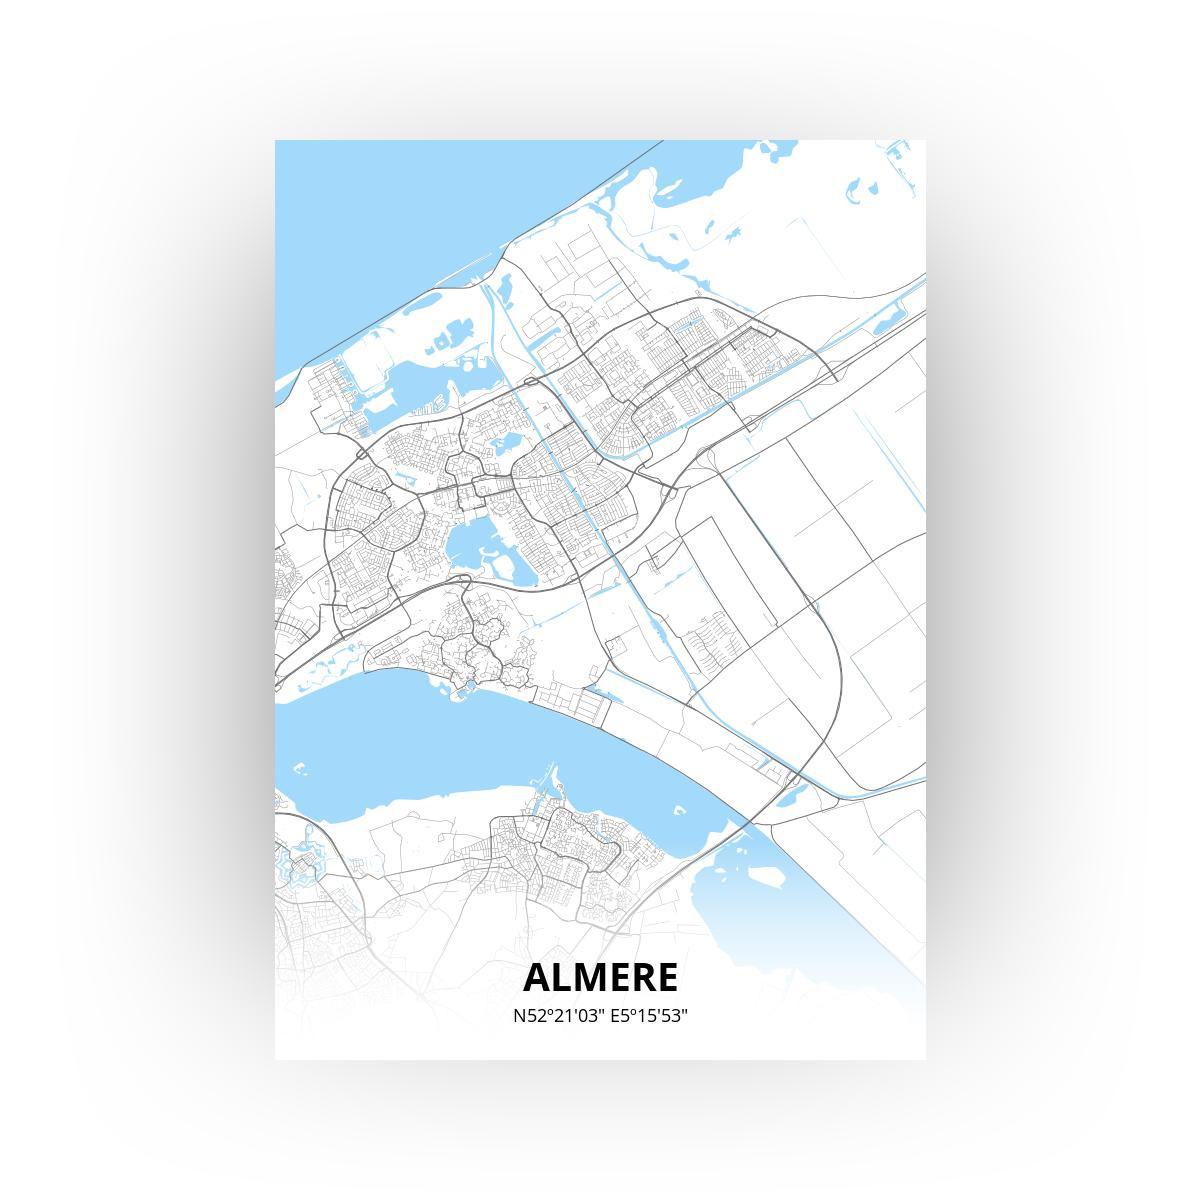 Almere poster - Zelf aan te passen!